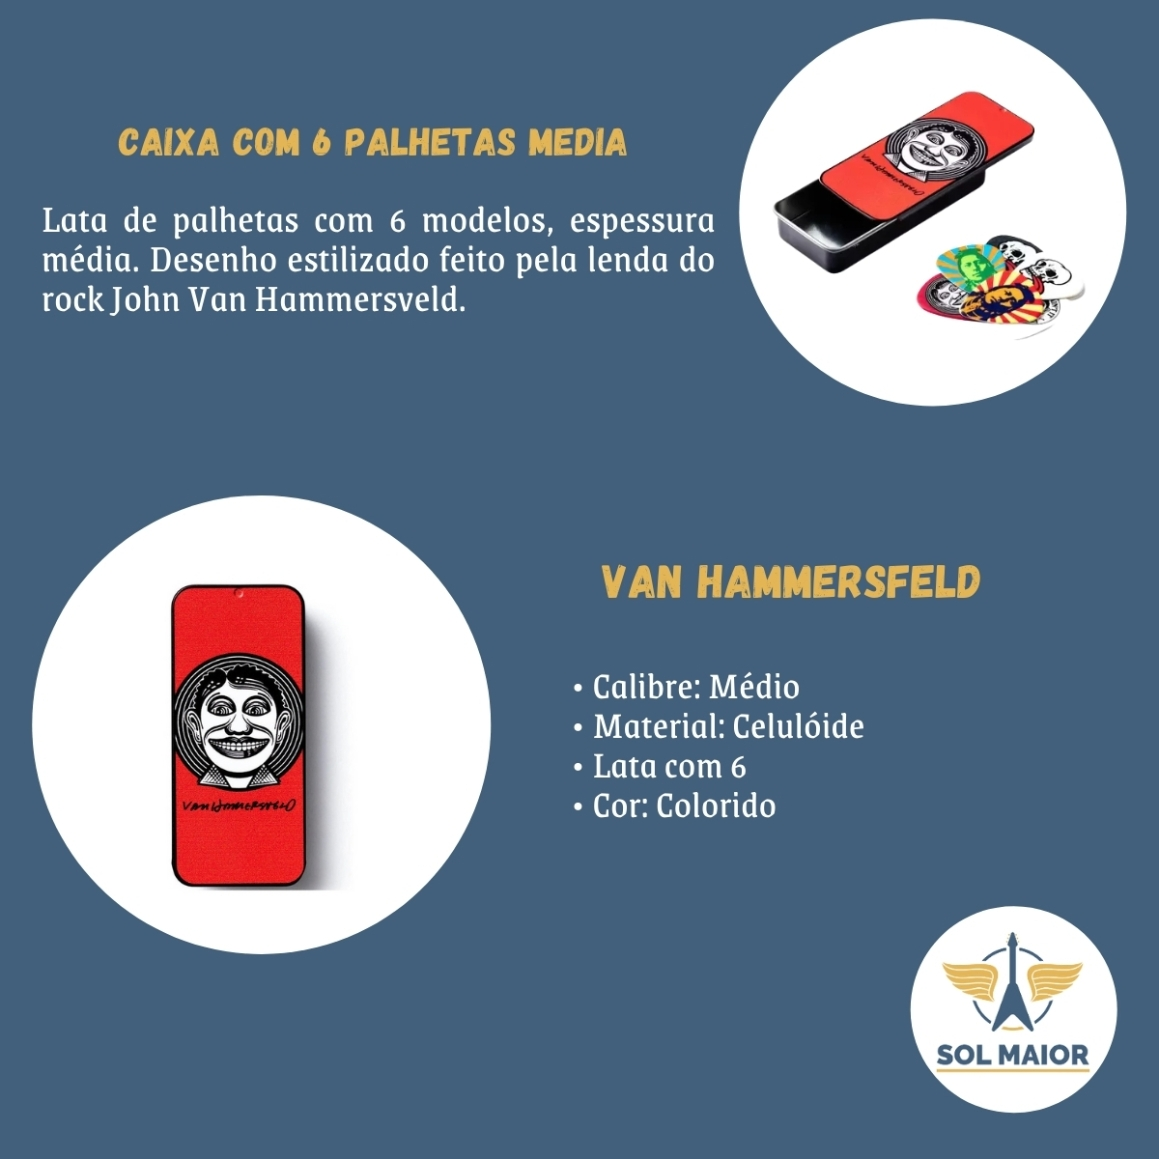 Palheta Media Van Hammersfeld Caixa Com 6 Dunlop